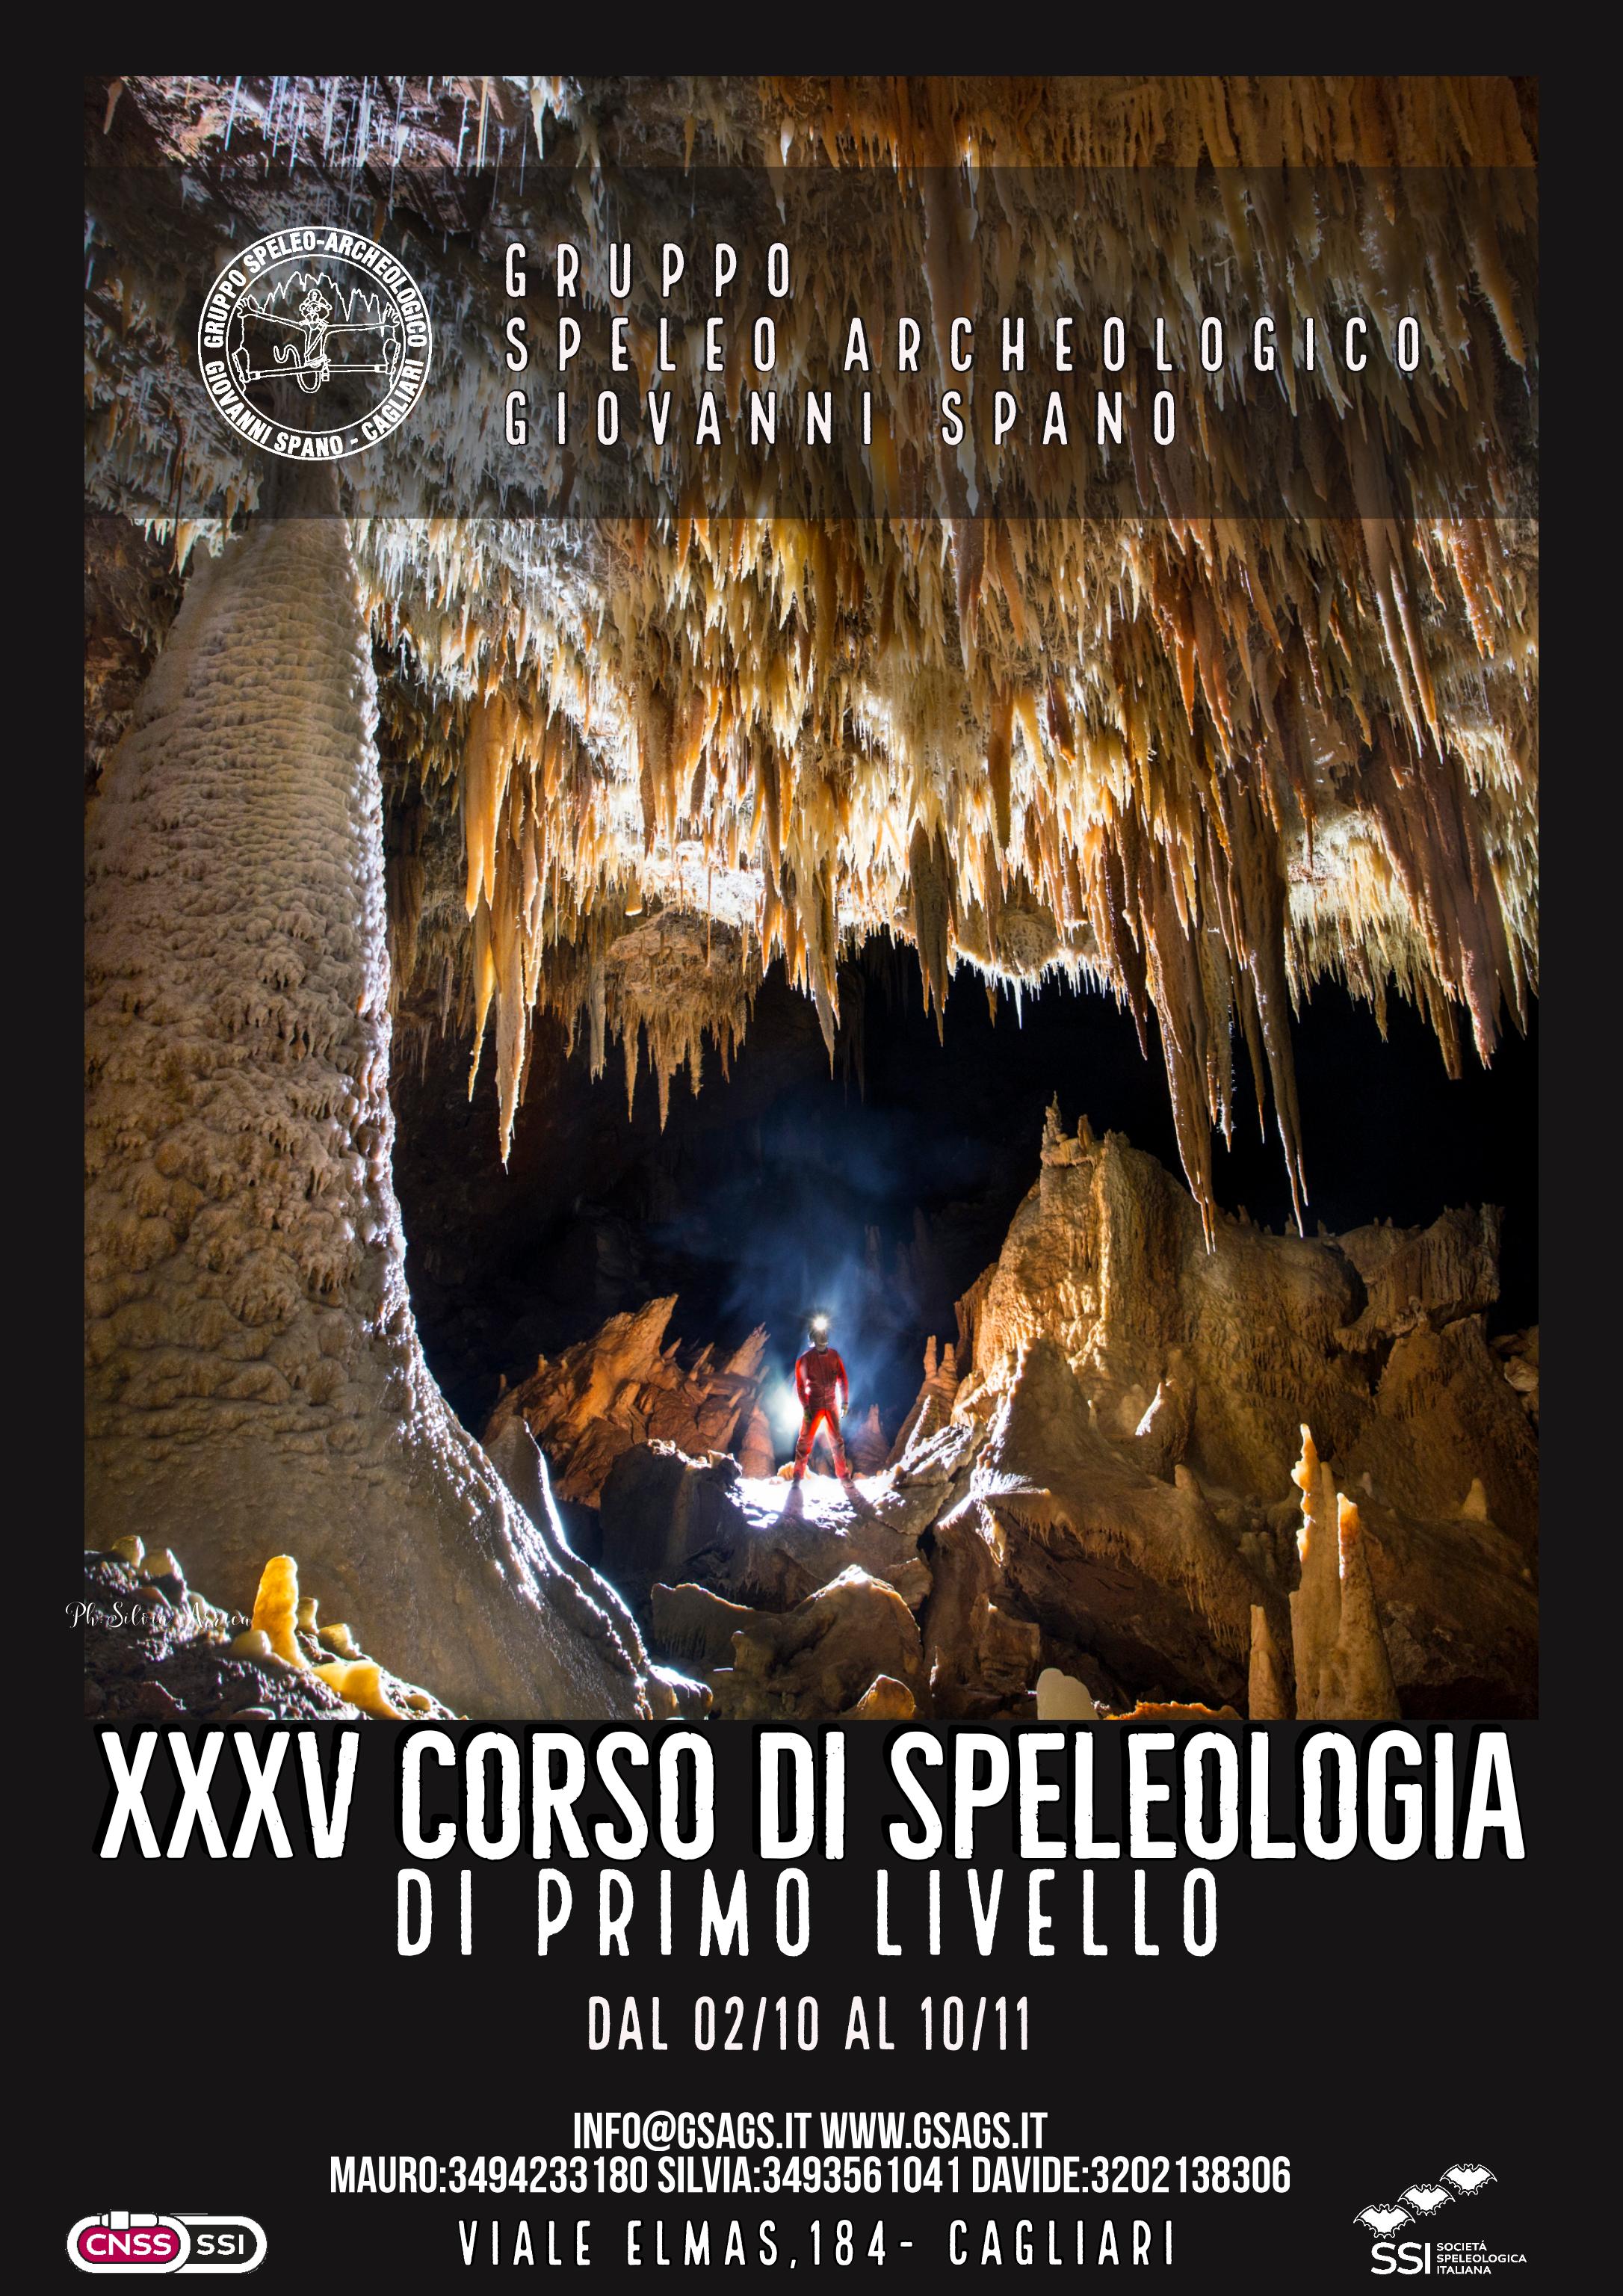 XXXV Corso di Speleologia di primo livello 2019